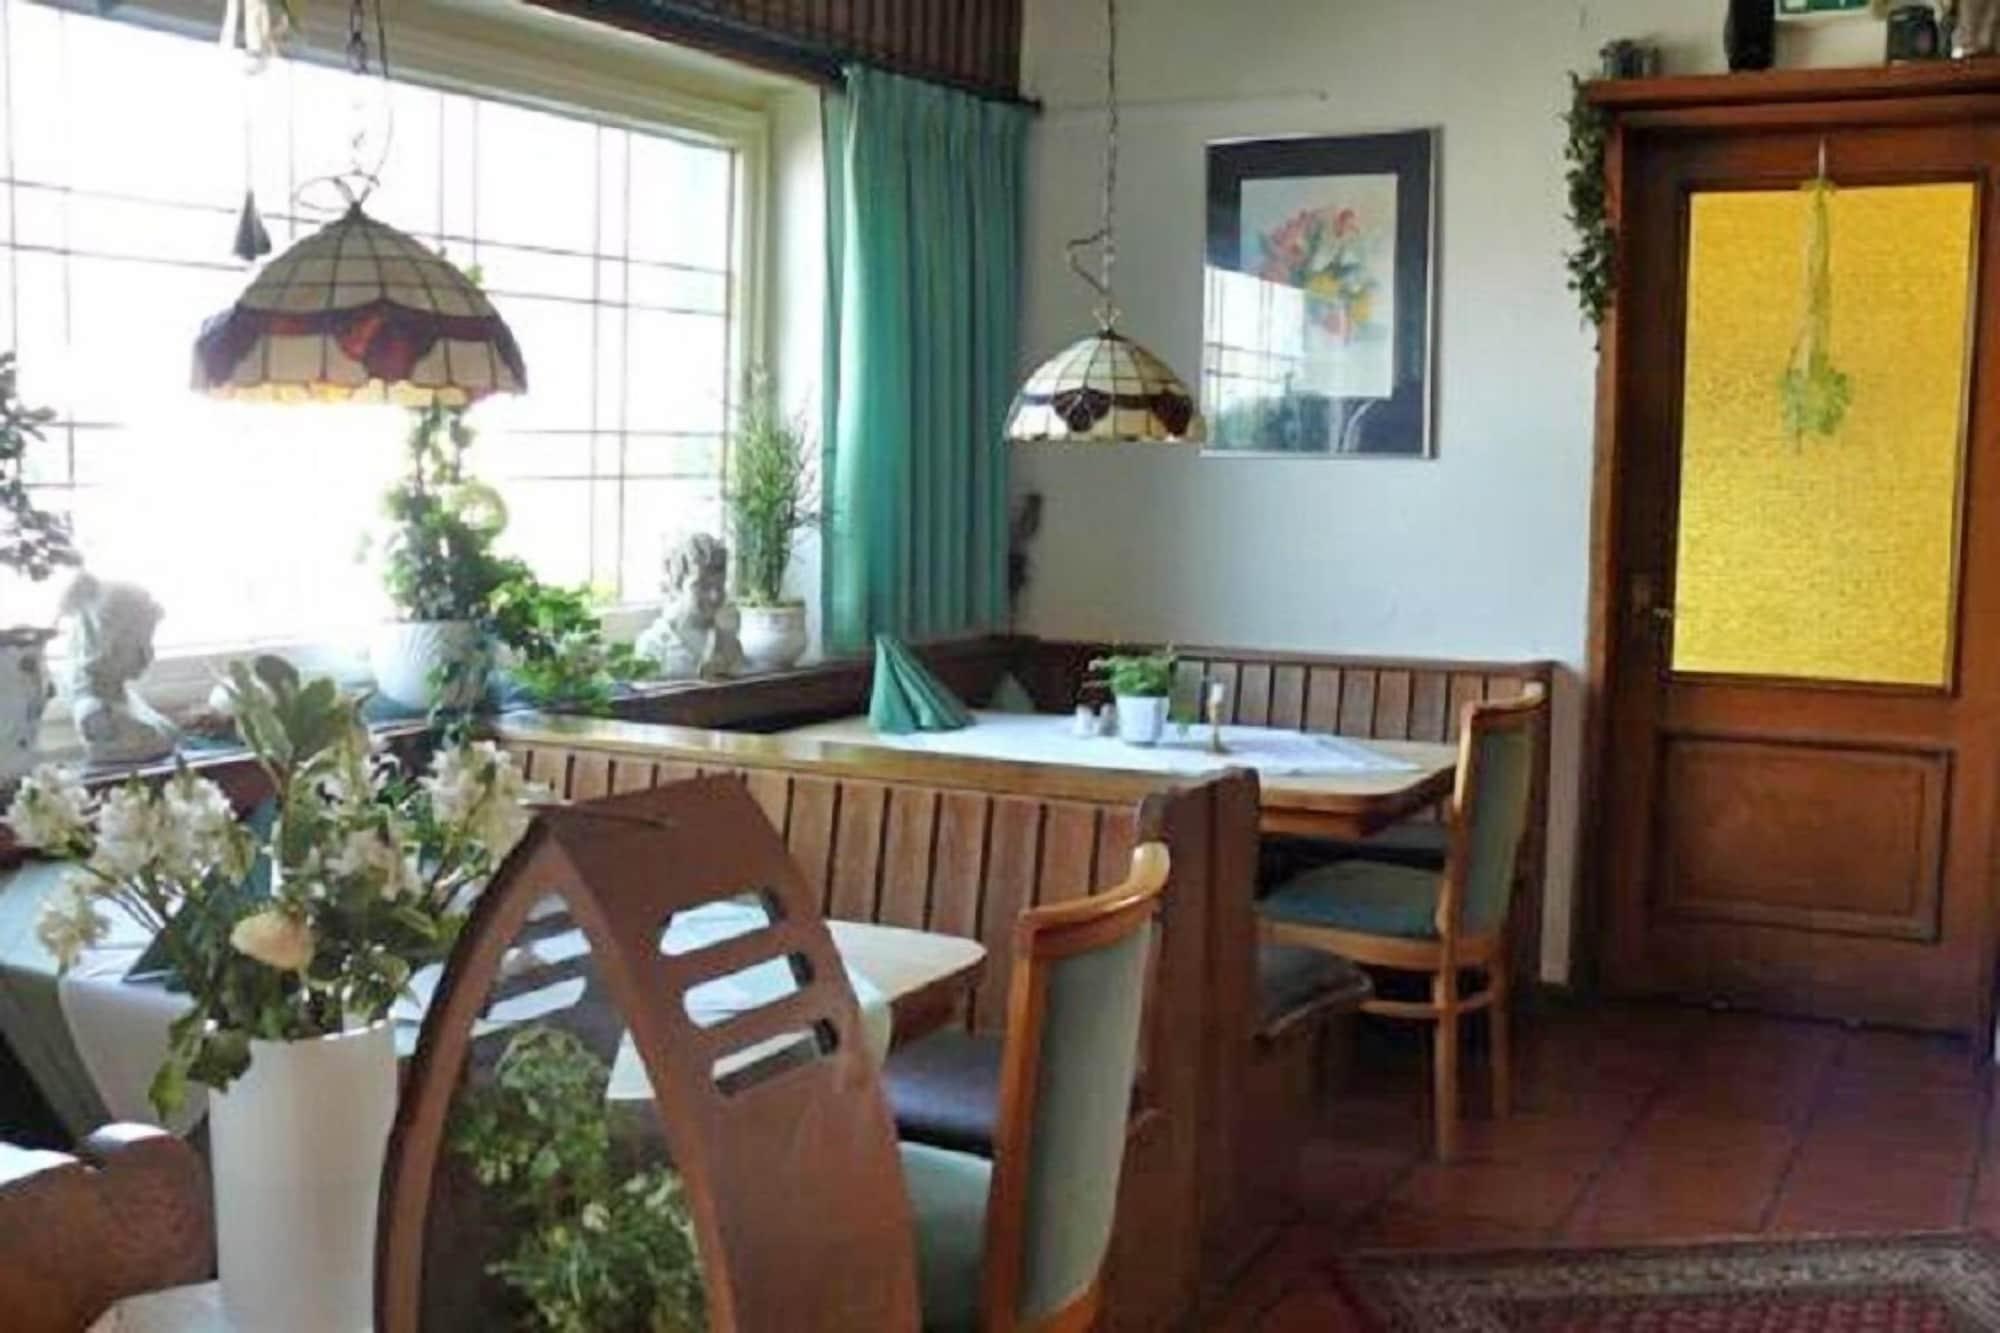 Hotel Restaurant Wulf, Soest